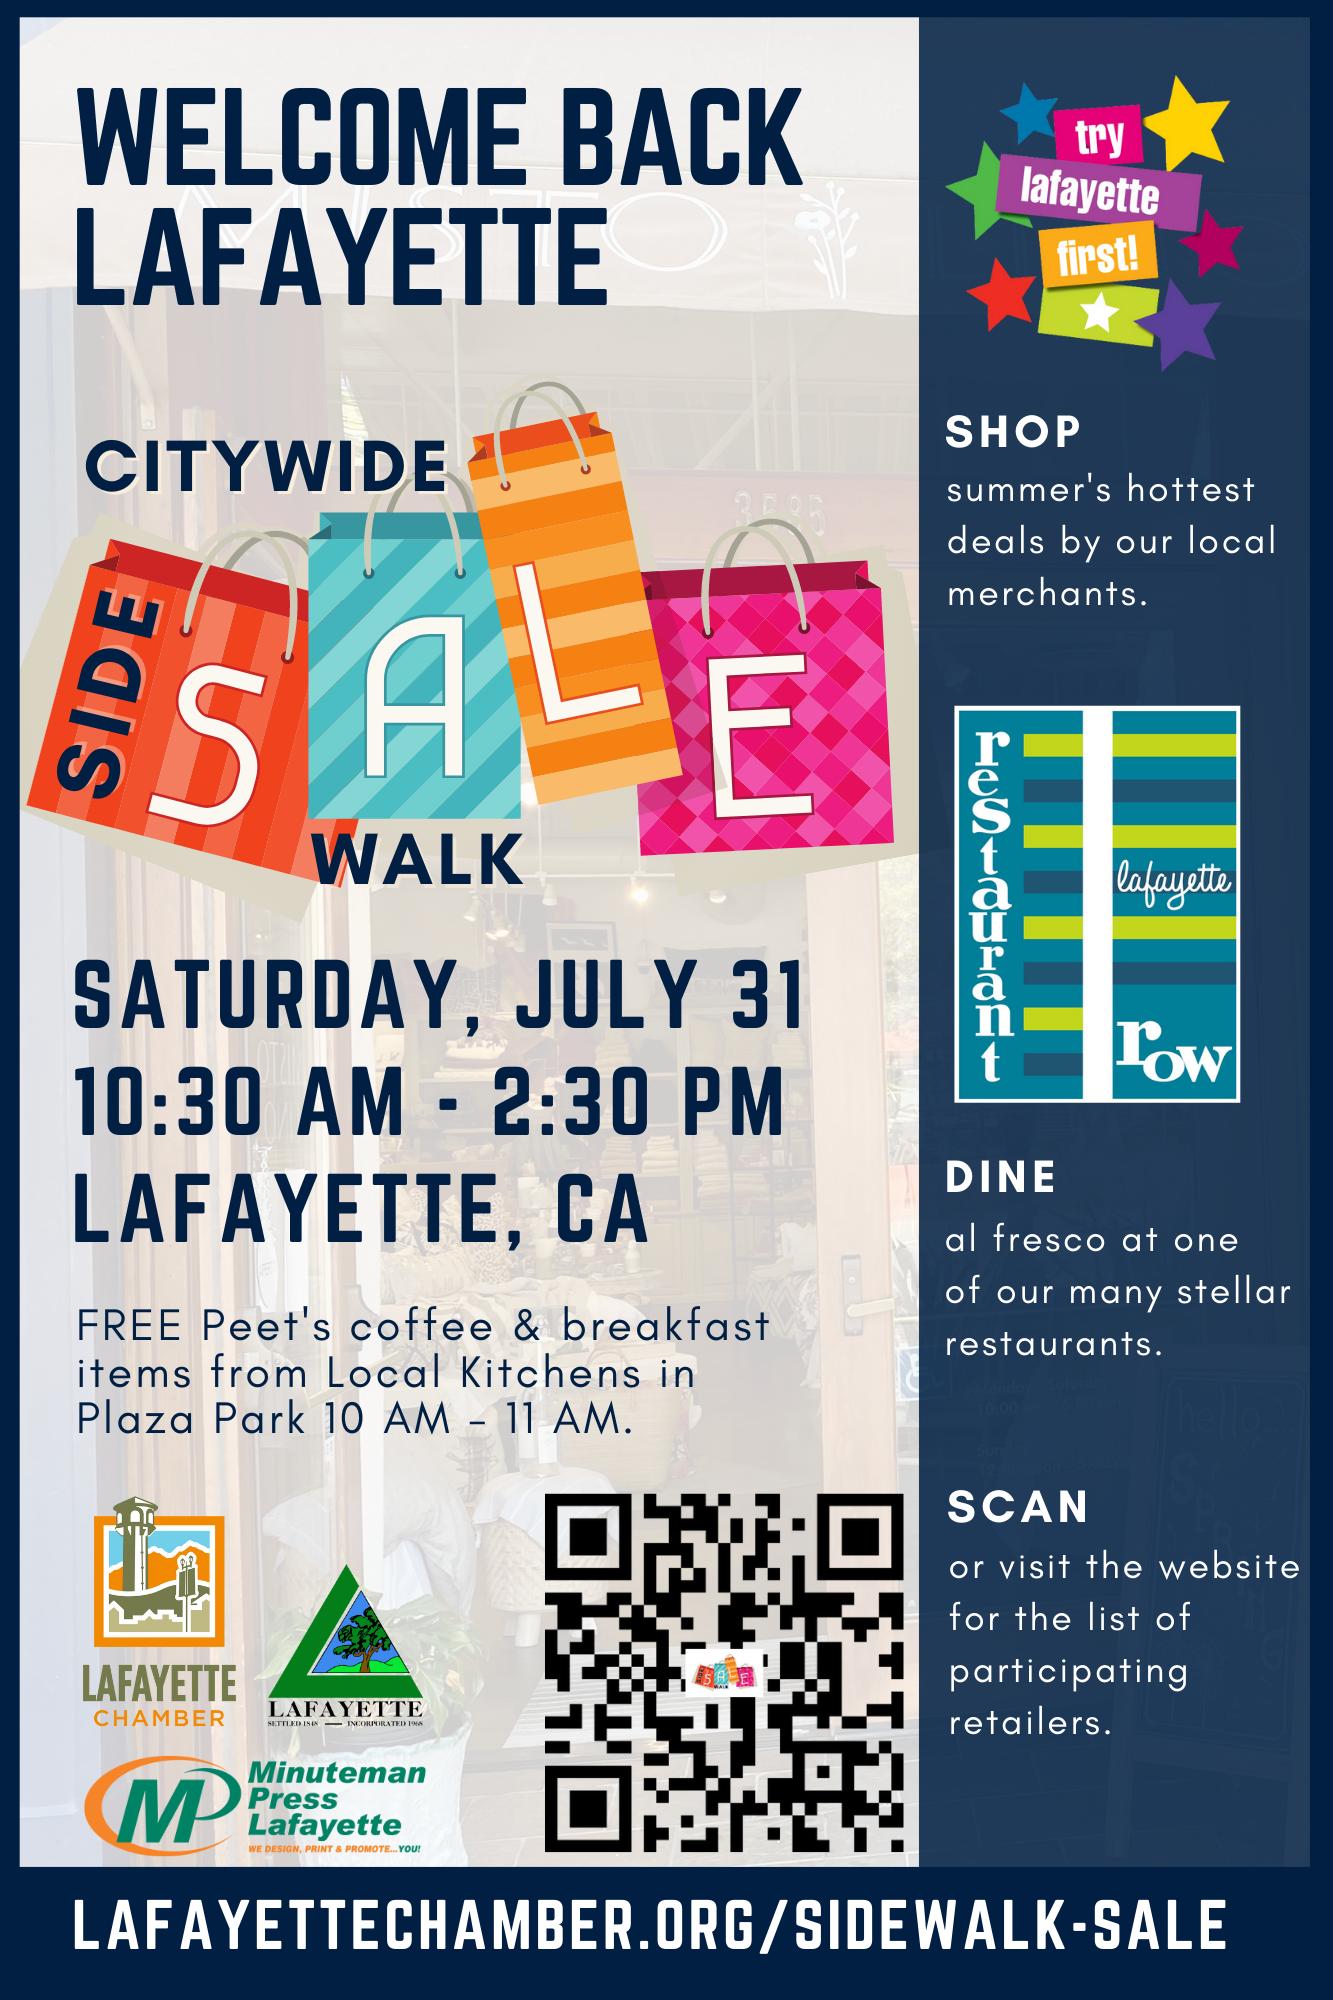 Citywide Sidewalk Sale